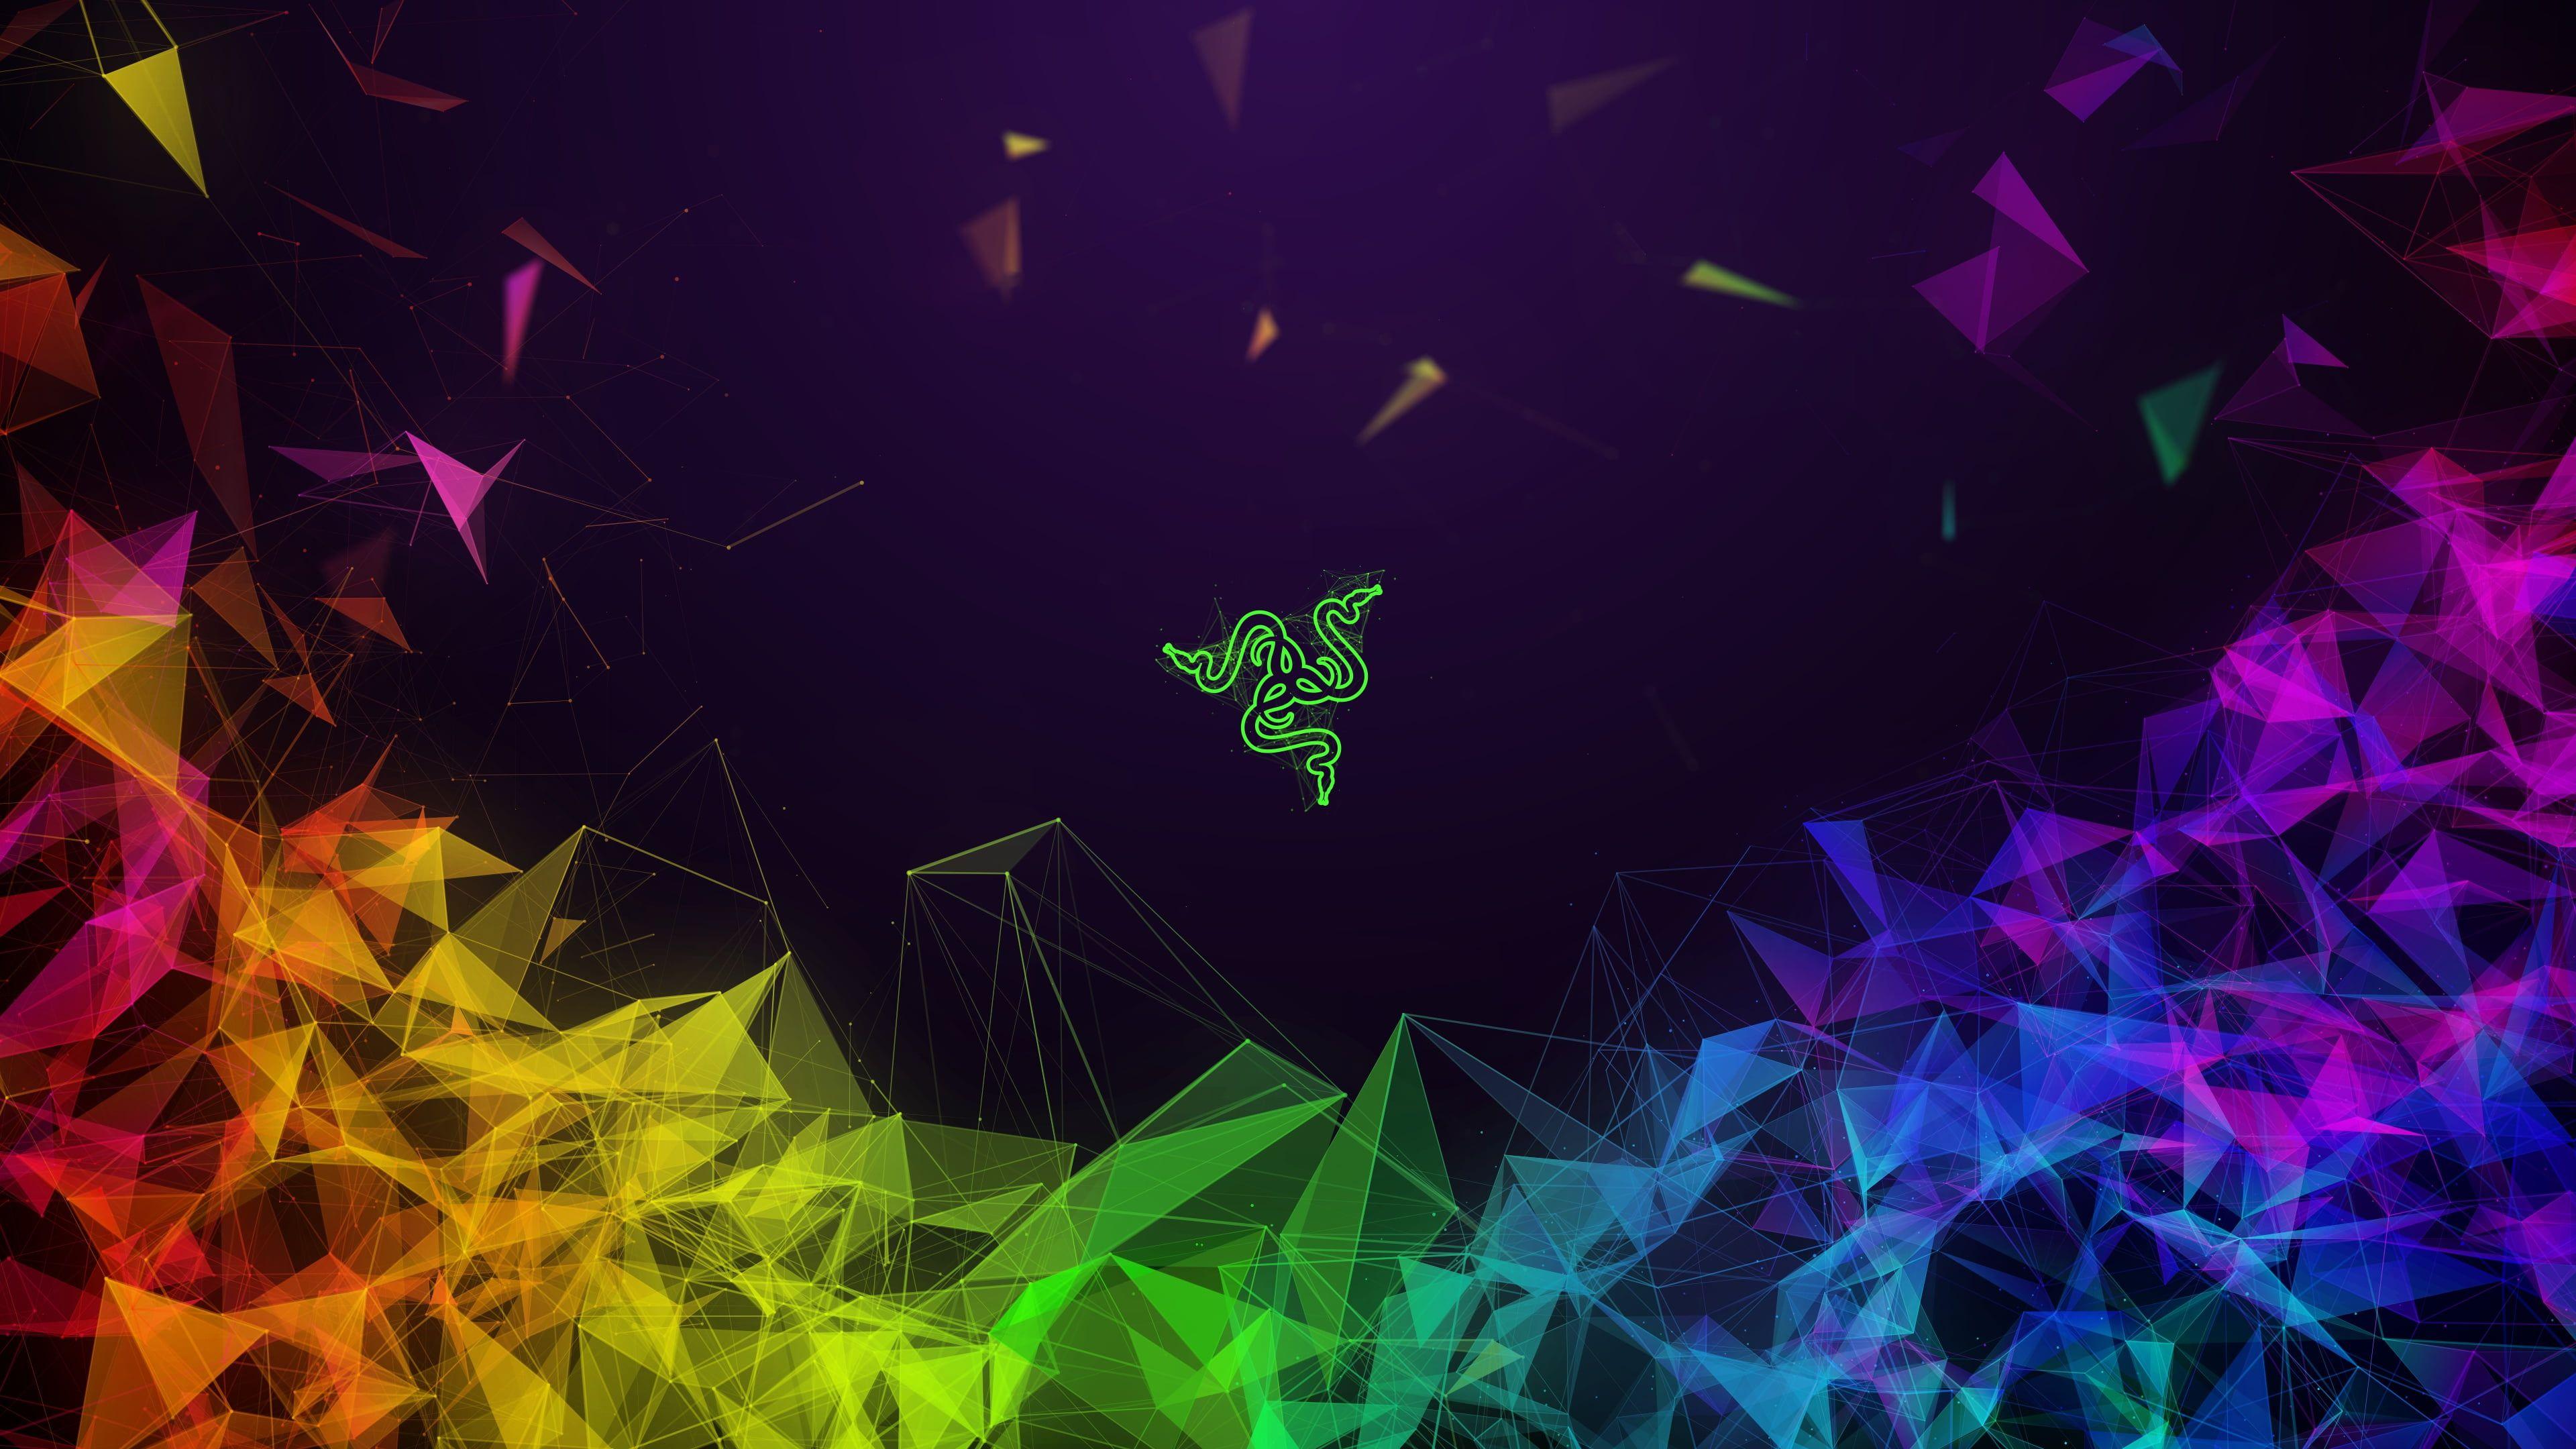 Colorful Razer Rgb 4k Wallpaper Hdwallpaper Desktop In 2020 Uhd Wallpaper Gaming Wallpapers Wallpaper Pc